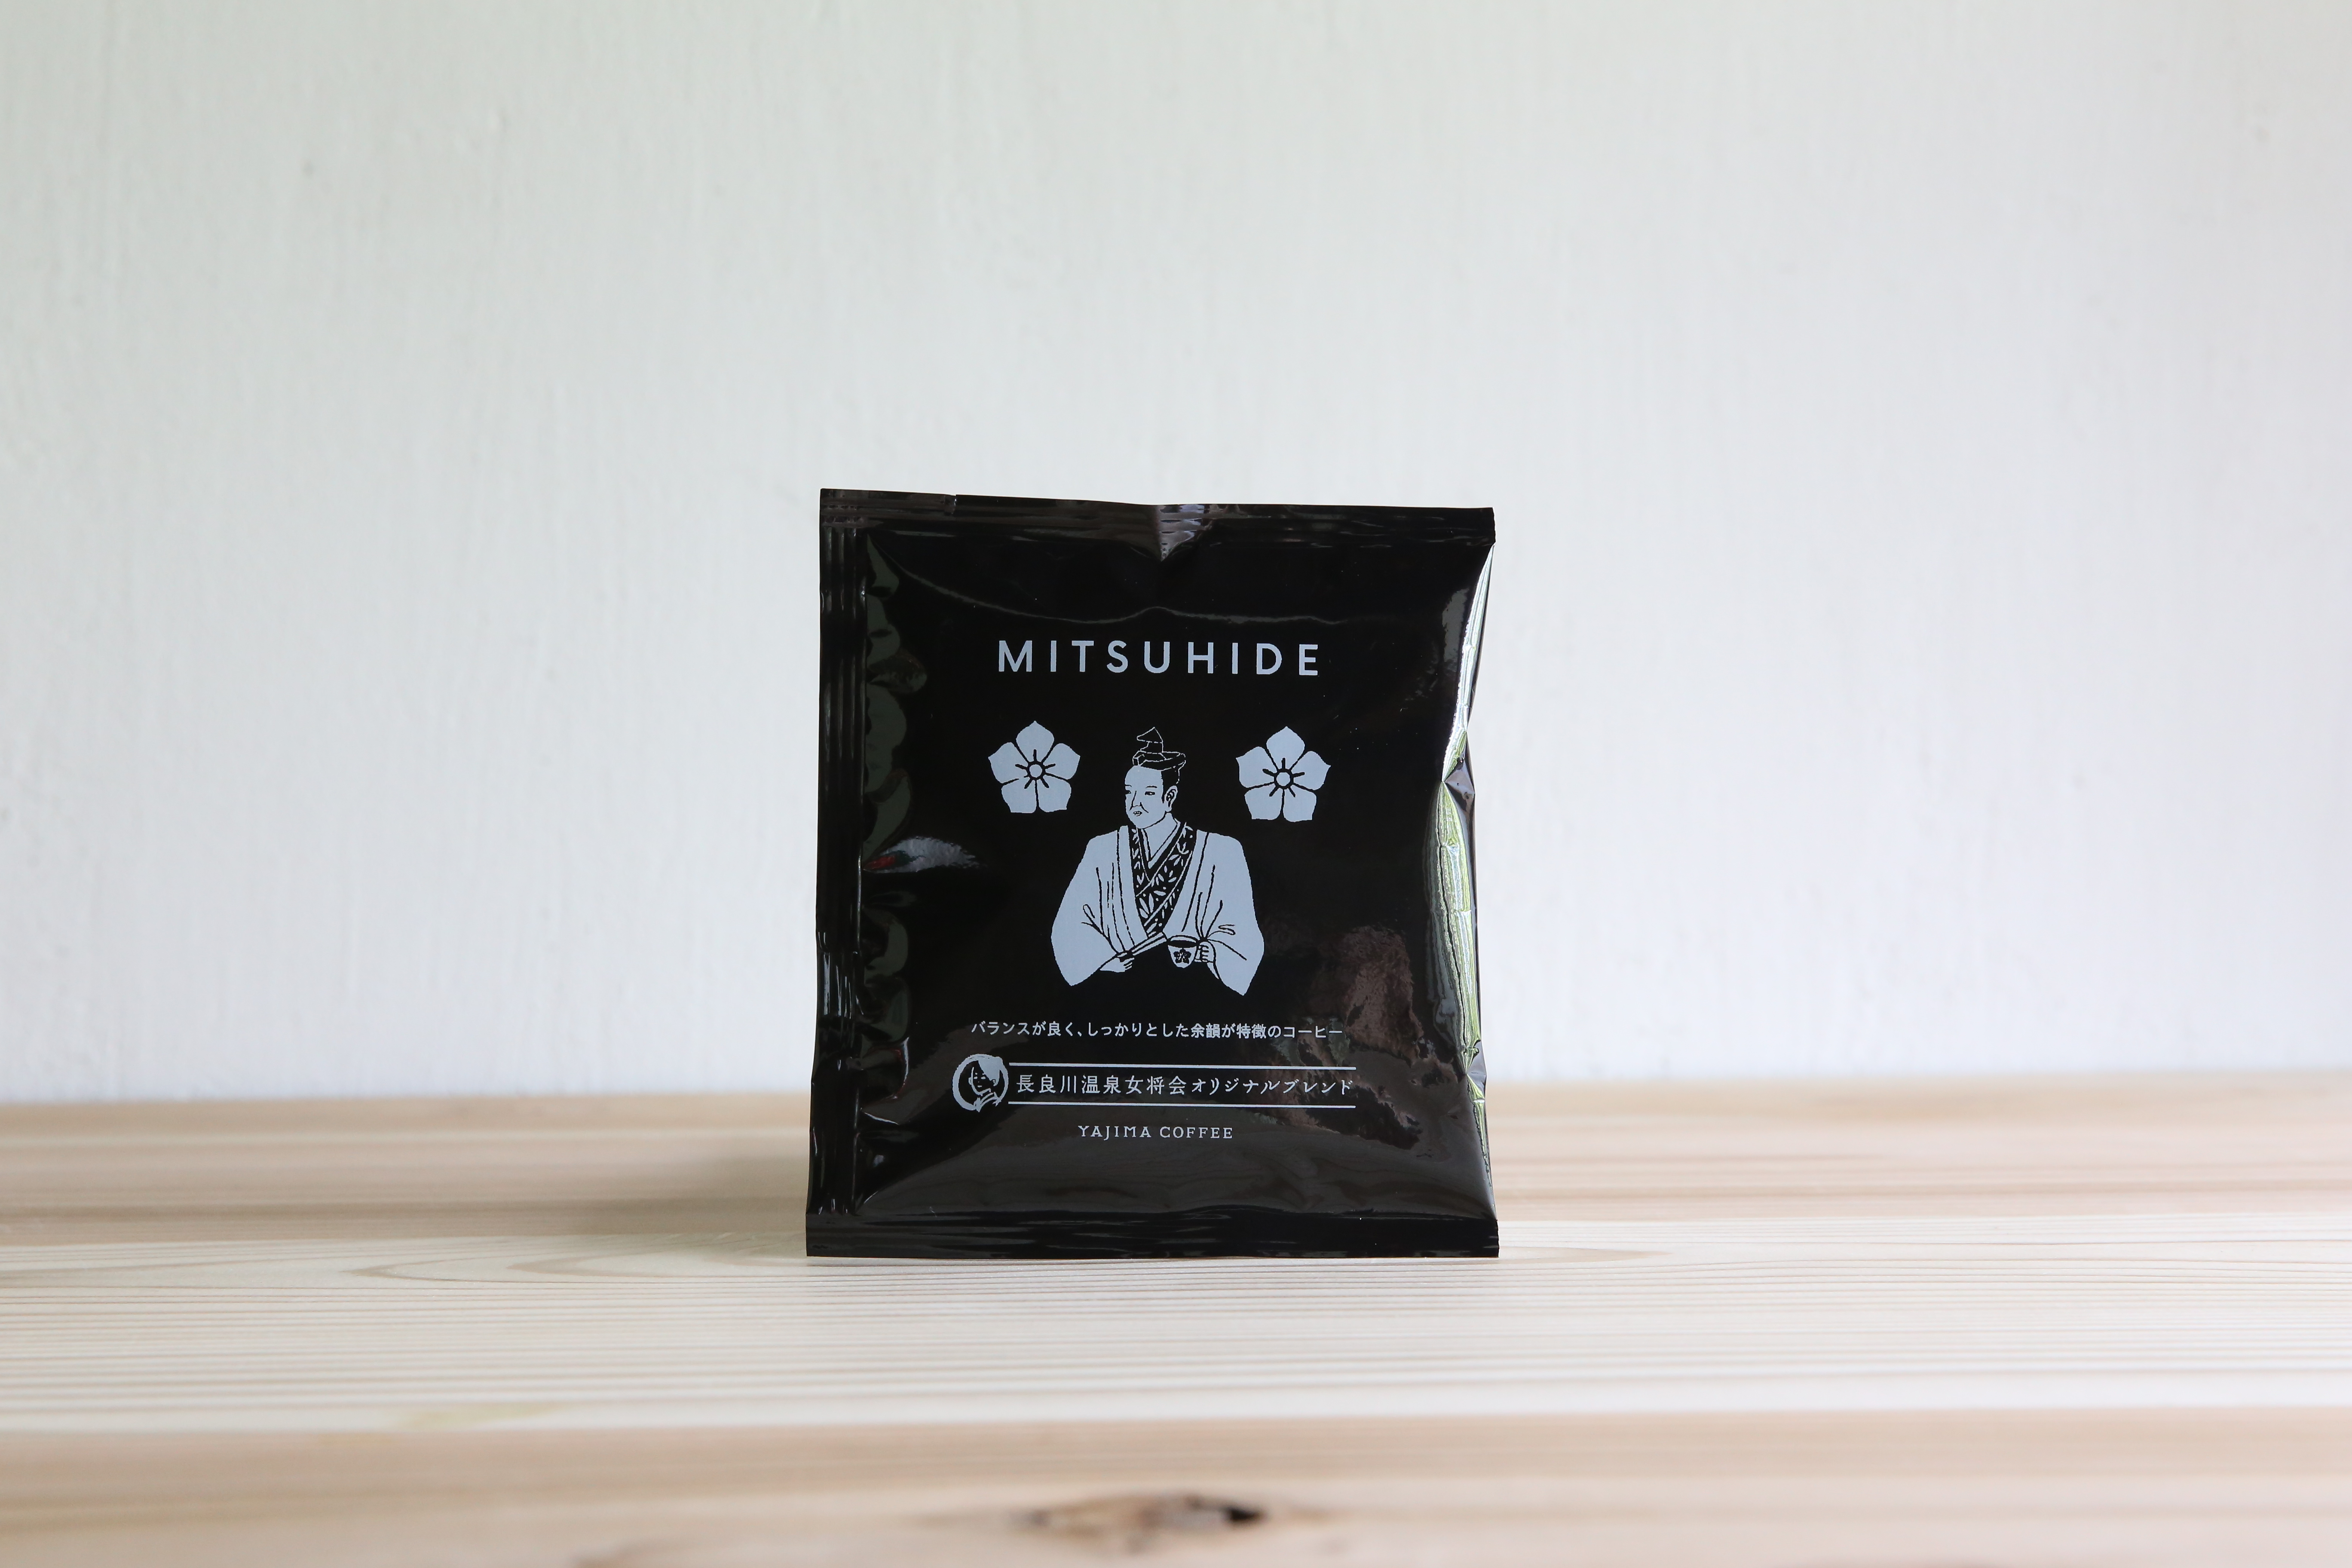 武将コーヒー:MITSUHIDE